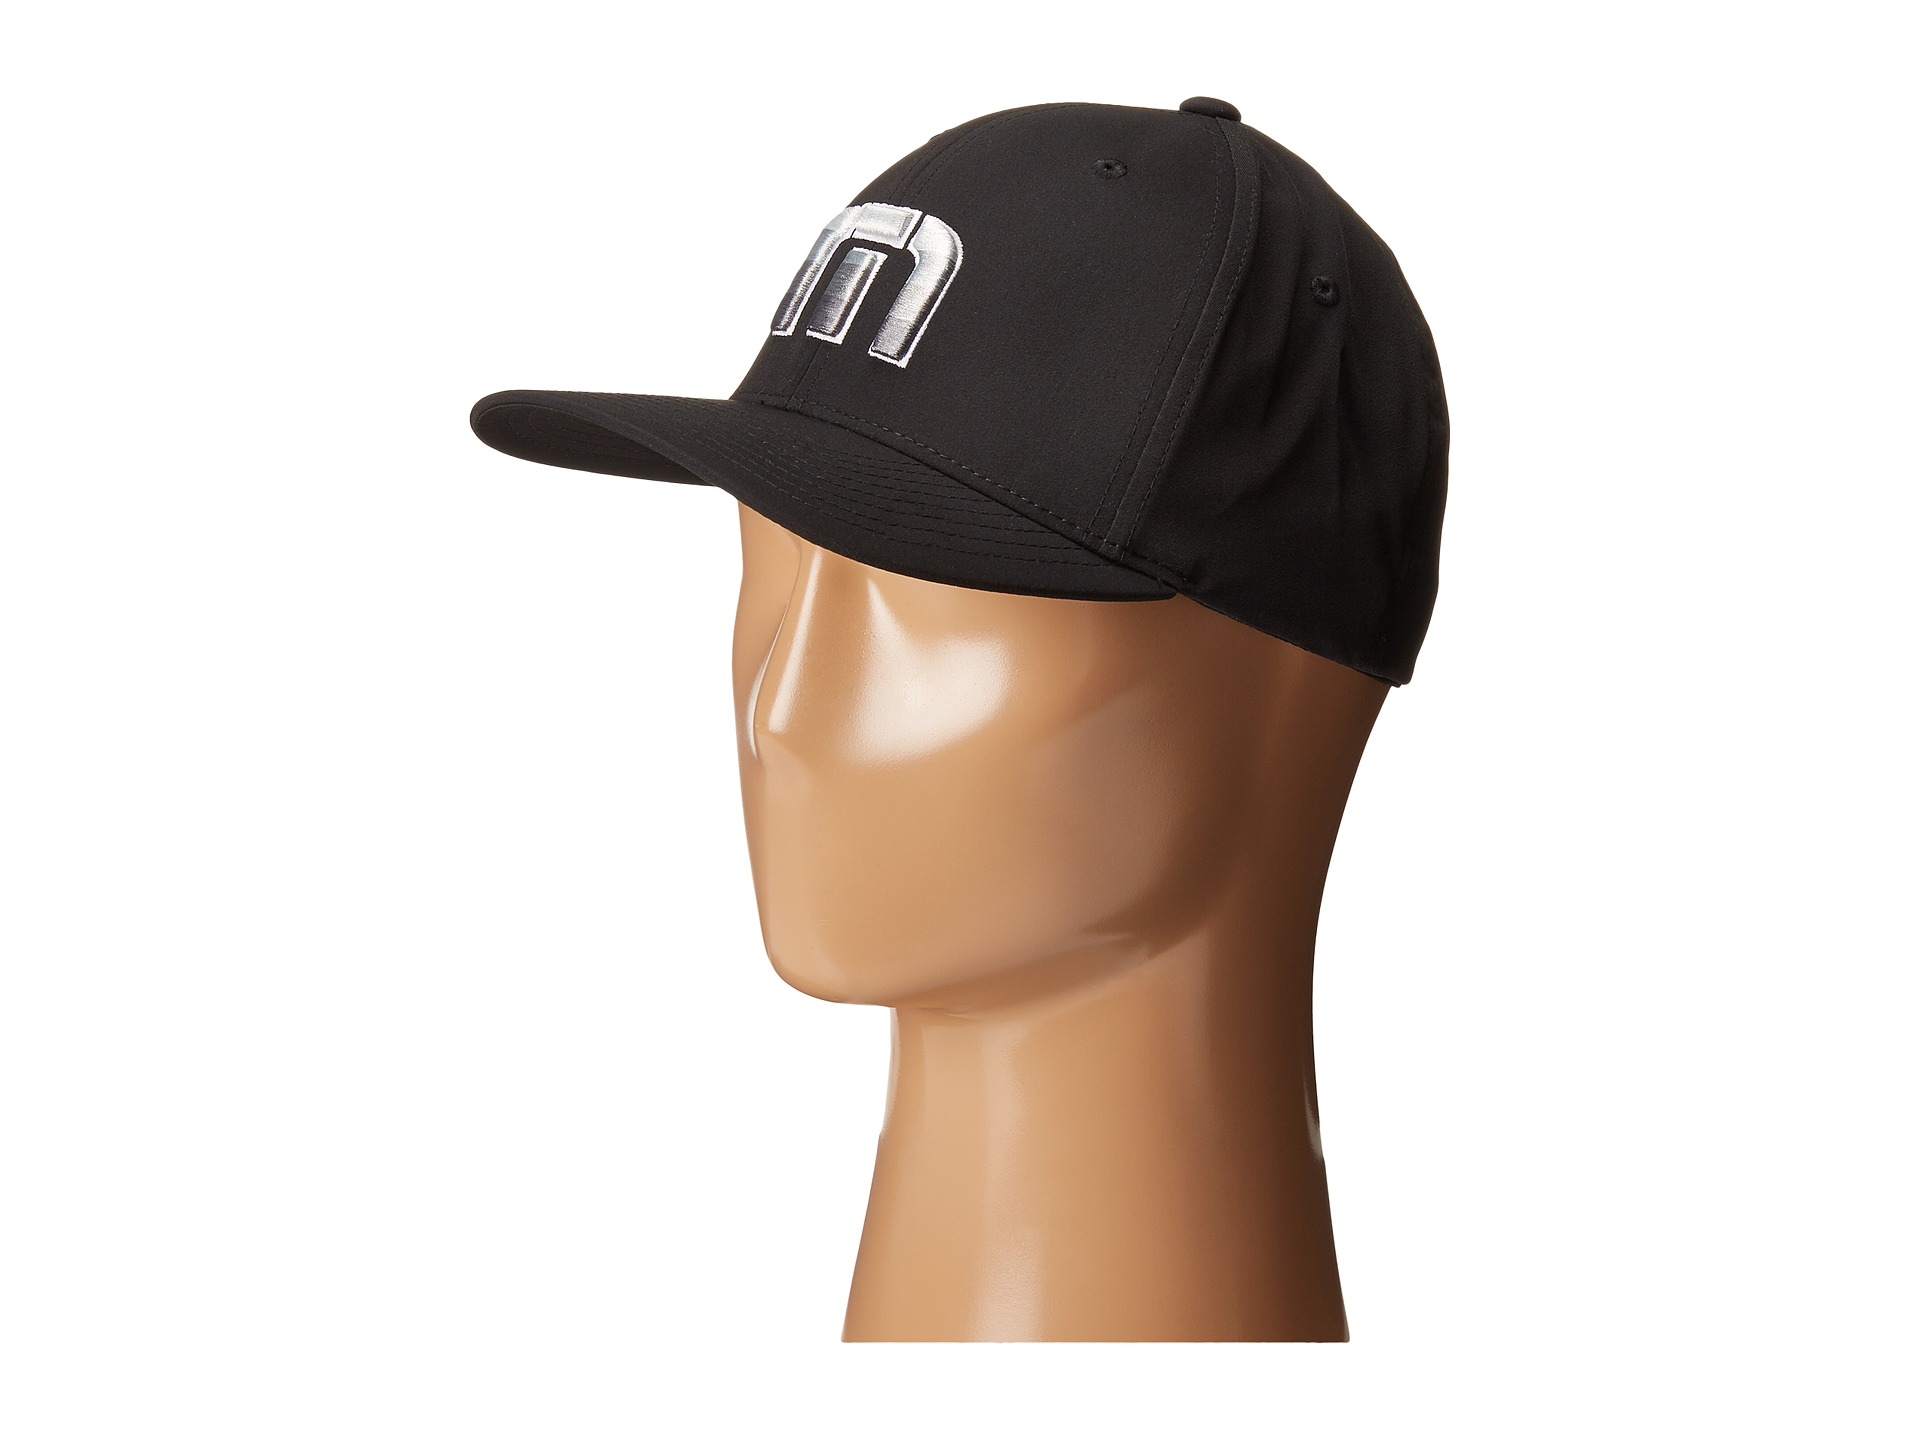 ... sweden lyst travis mathew donnelly hat in black for men 167a7 1785f 161eaf9bad0b